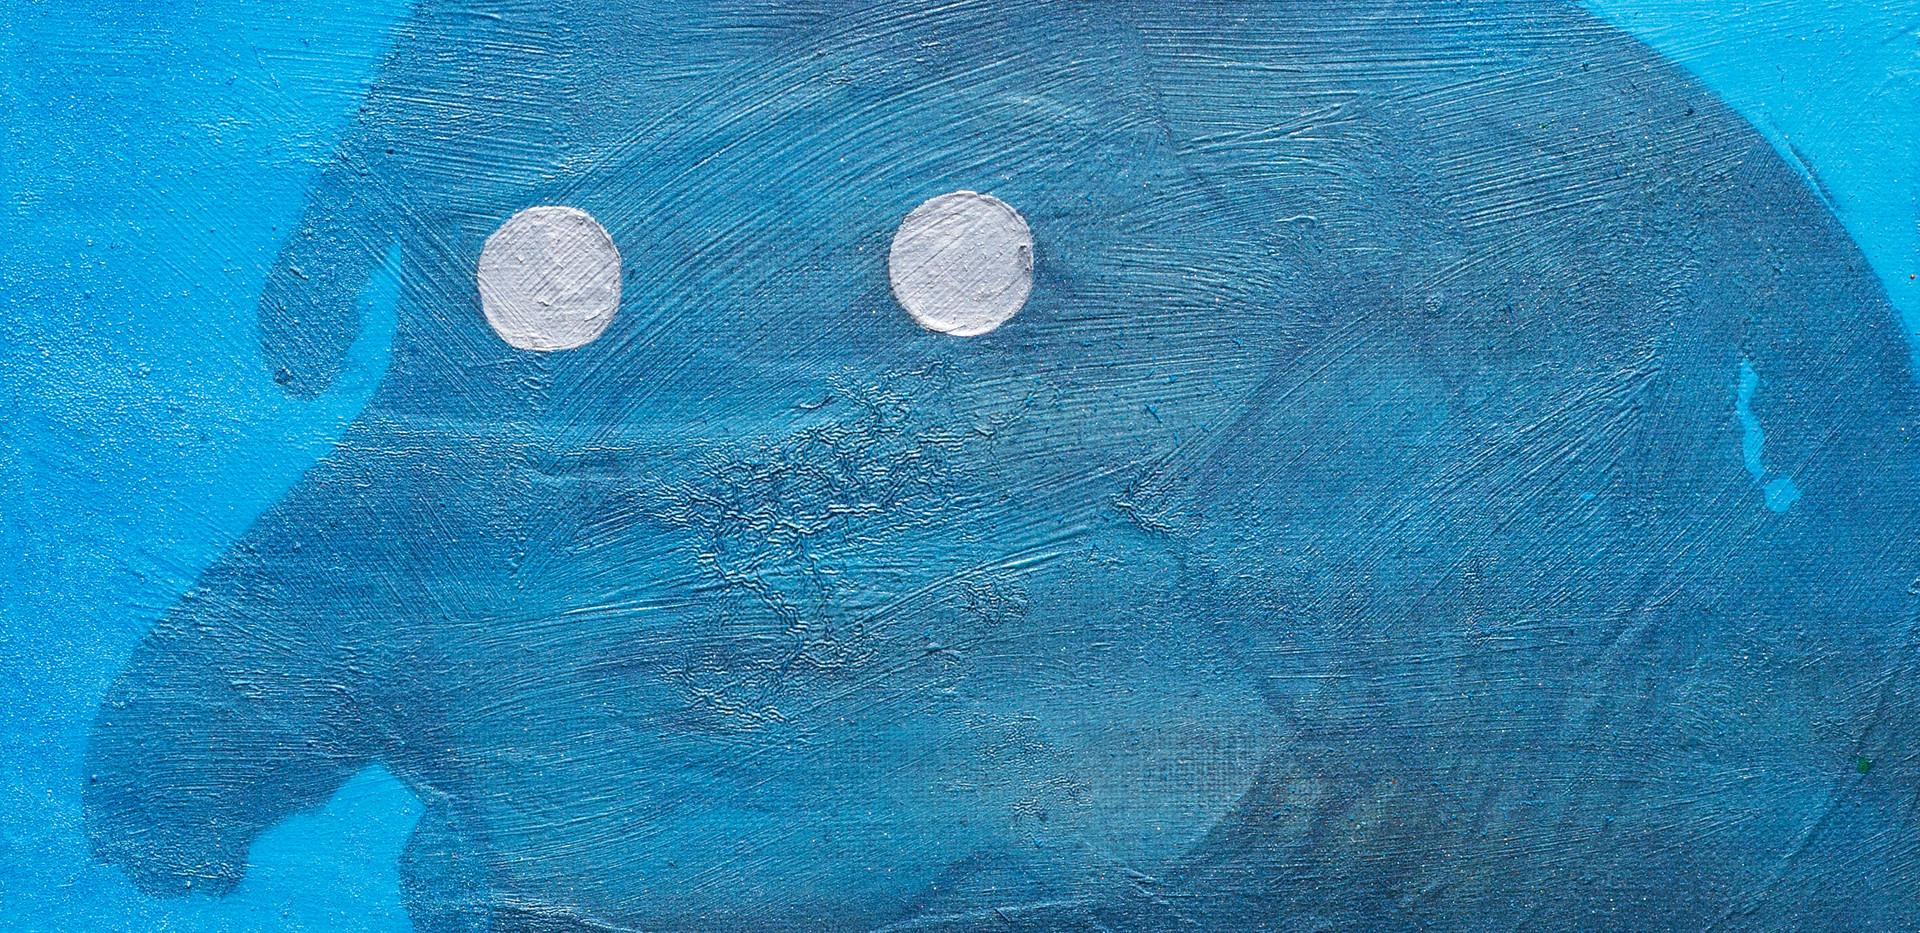 티아치의 눈, 캔버스에 유화와 아크릴, 33.5cm x 19cm, 201